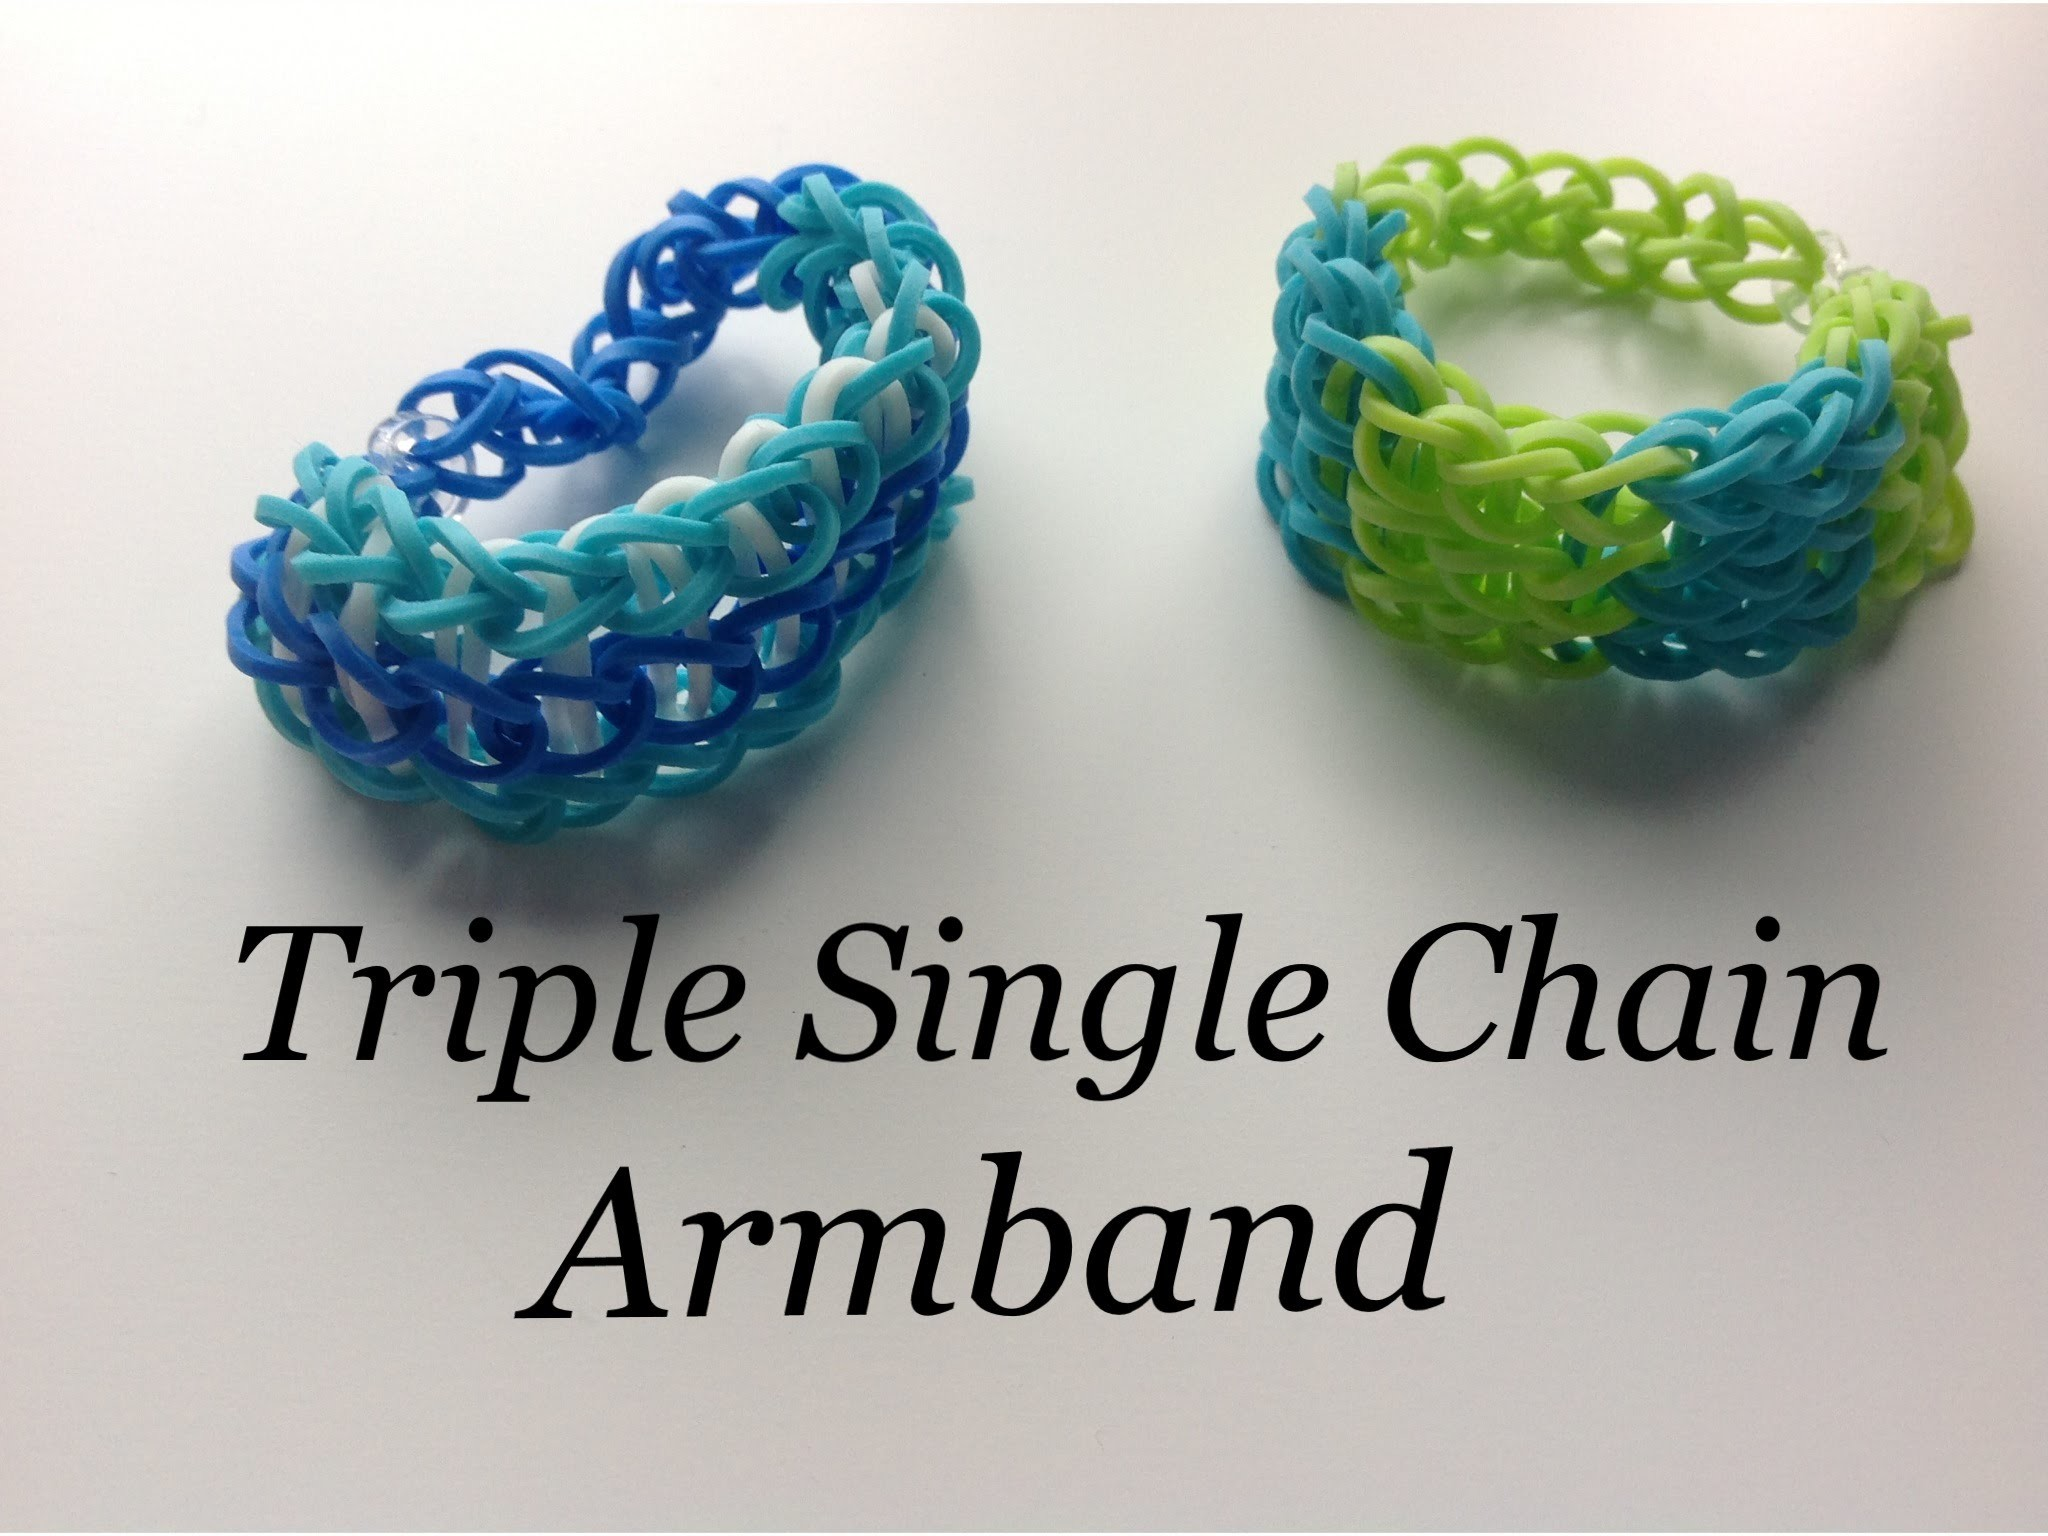 Rainbow Loom Nederlands: Triple single chain armband